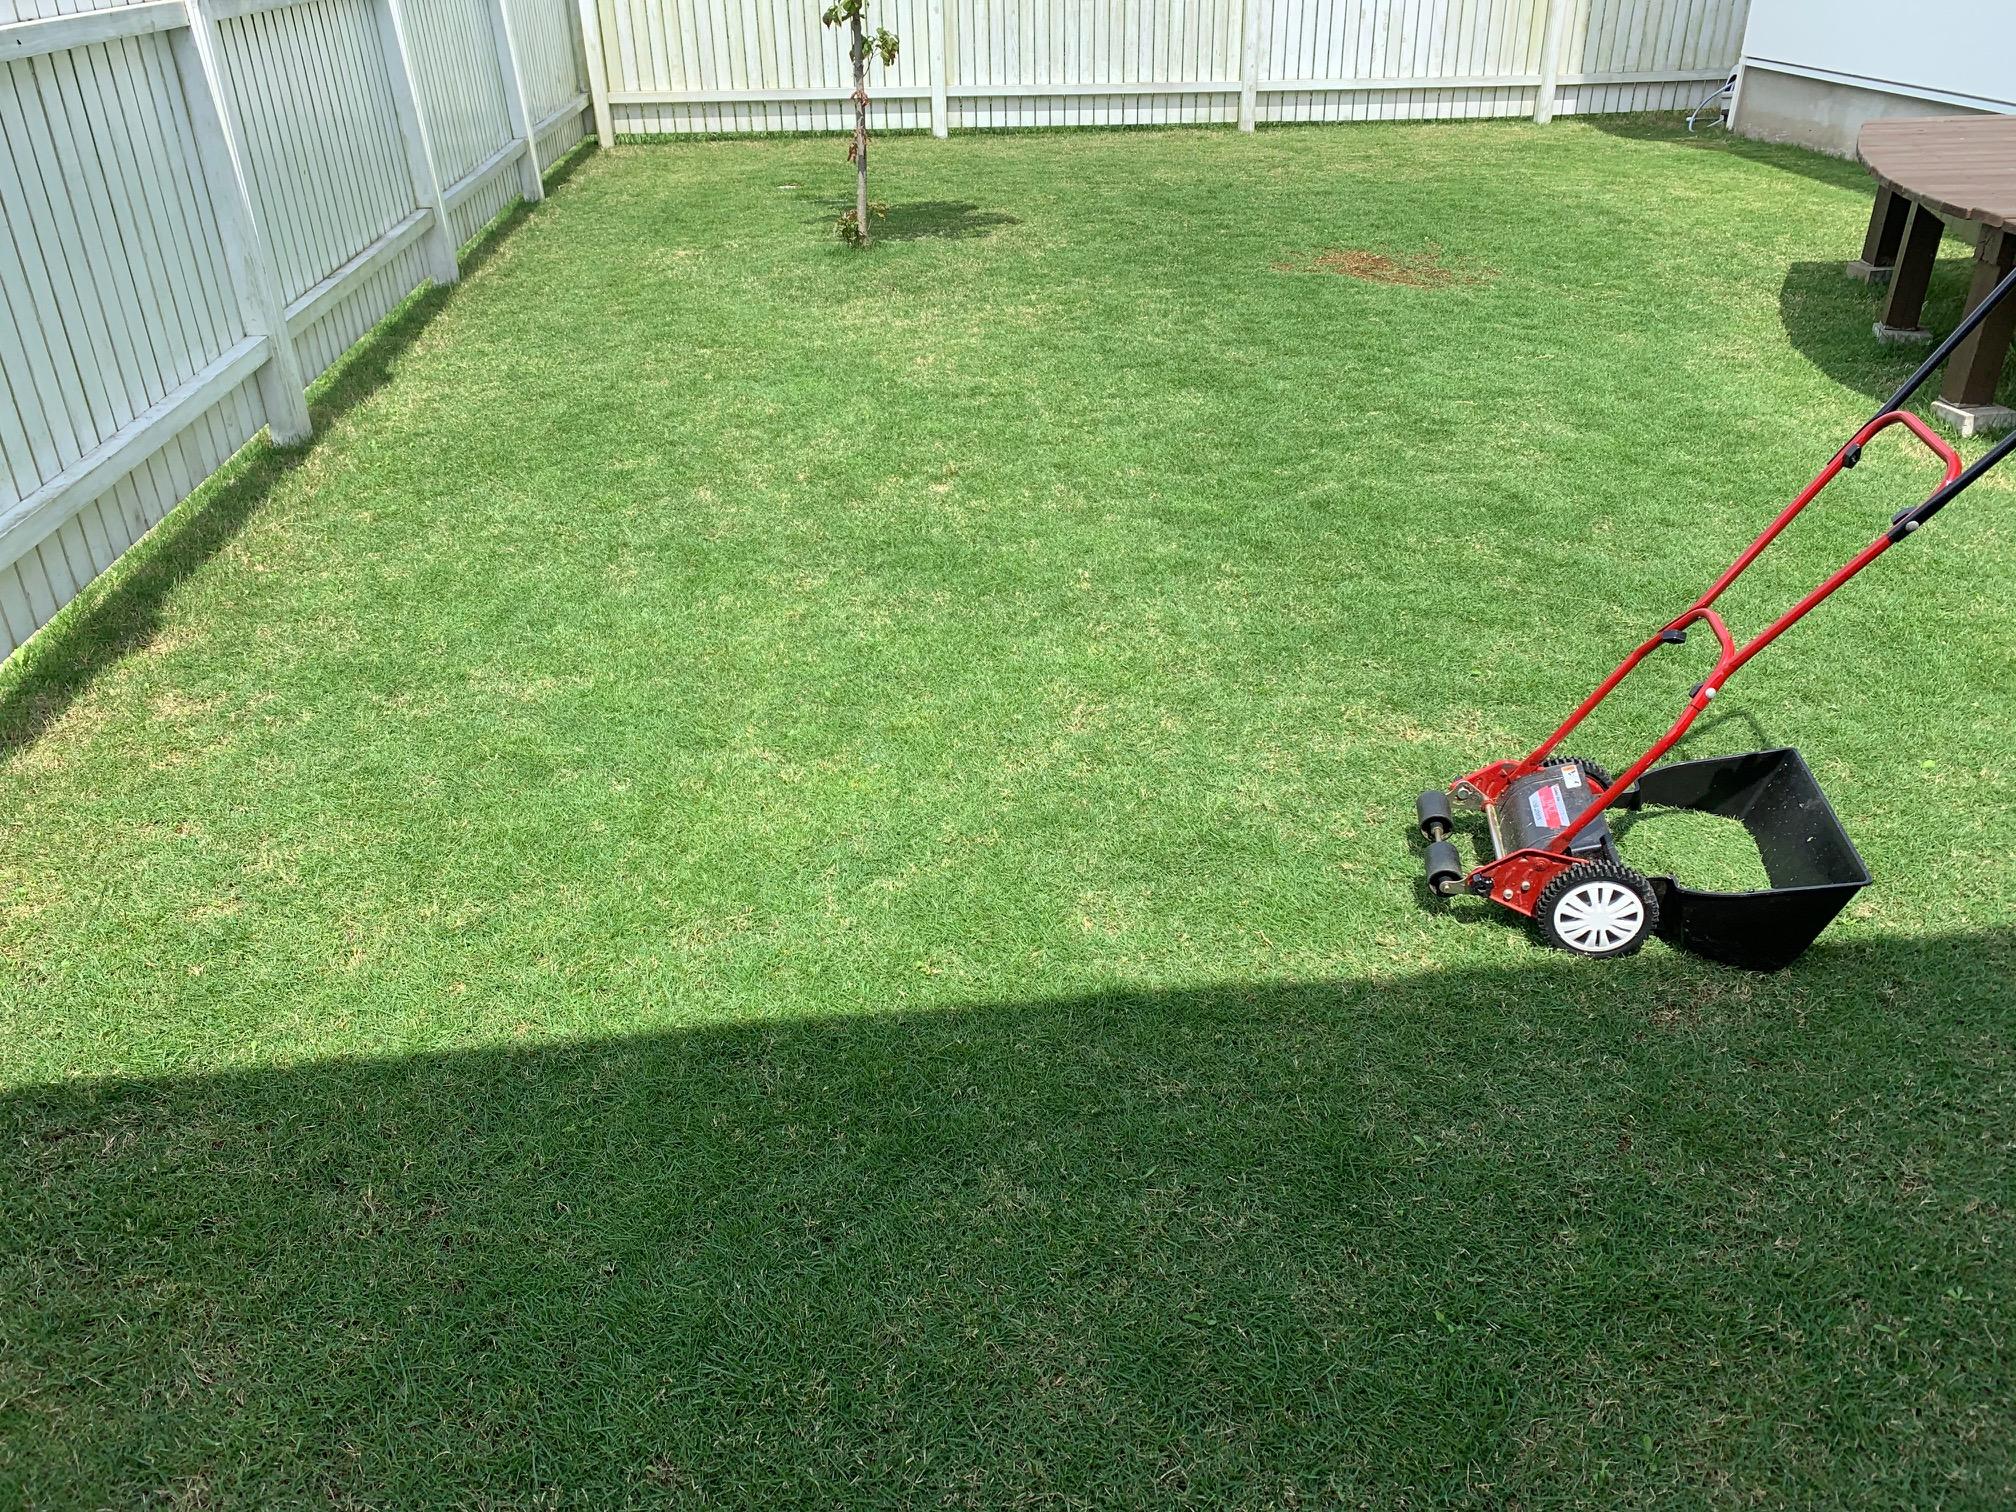 2021.05.22 芝生の状況(今年初芝刈り)